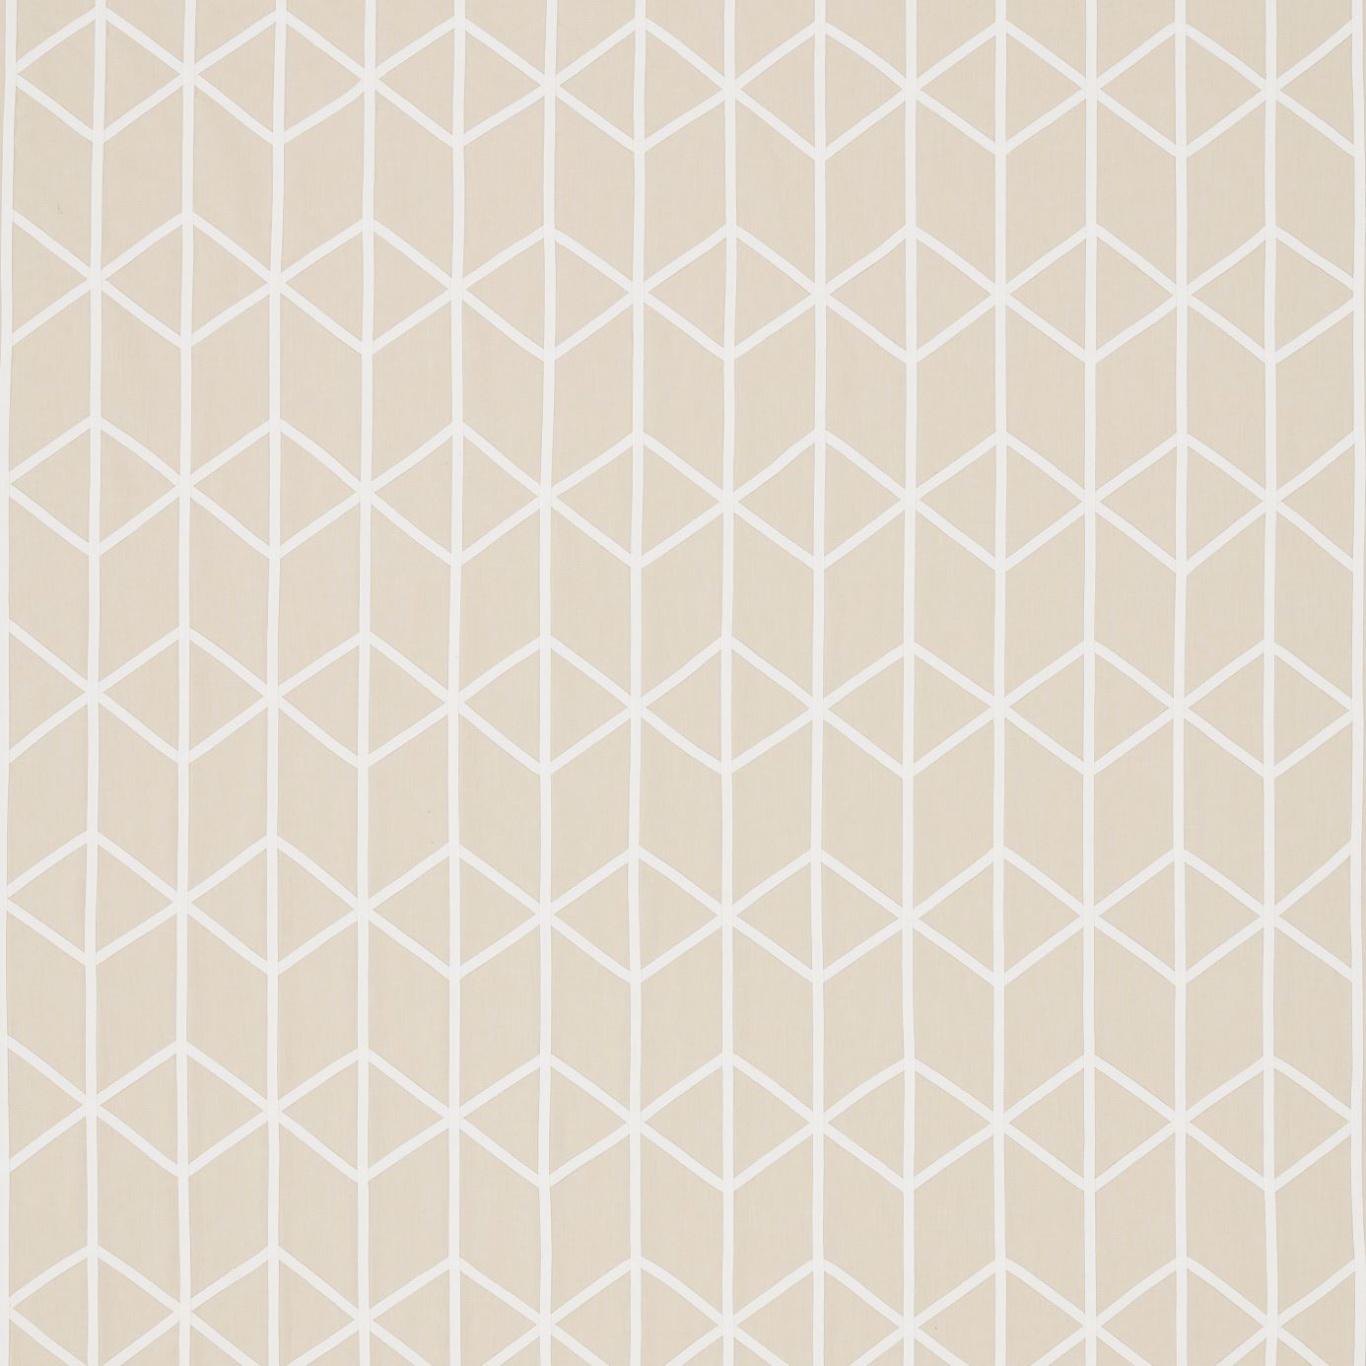 Image of Scion Nendo Linen Curtain Fabric 131817